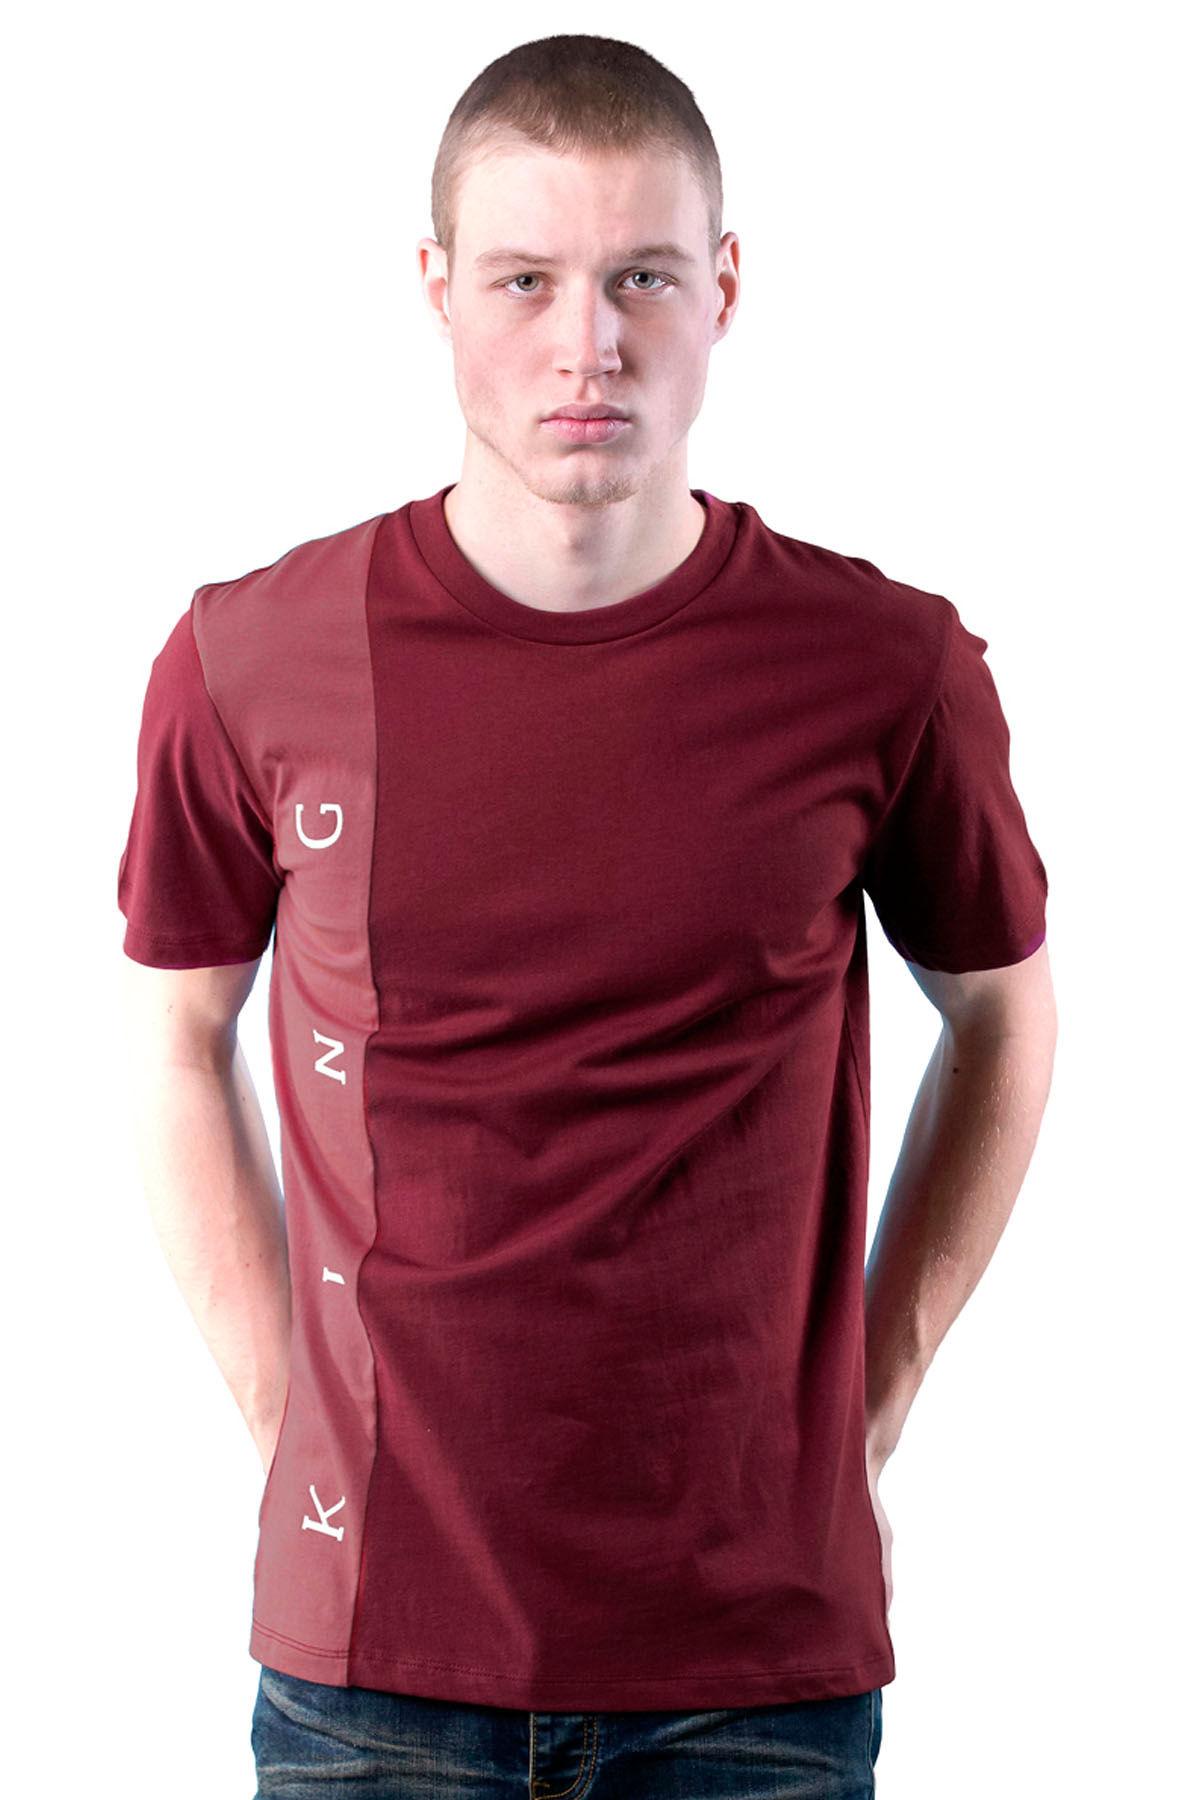 Image of Aldgate T-shirt - Oxblood